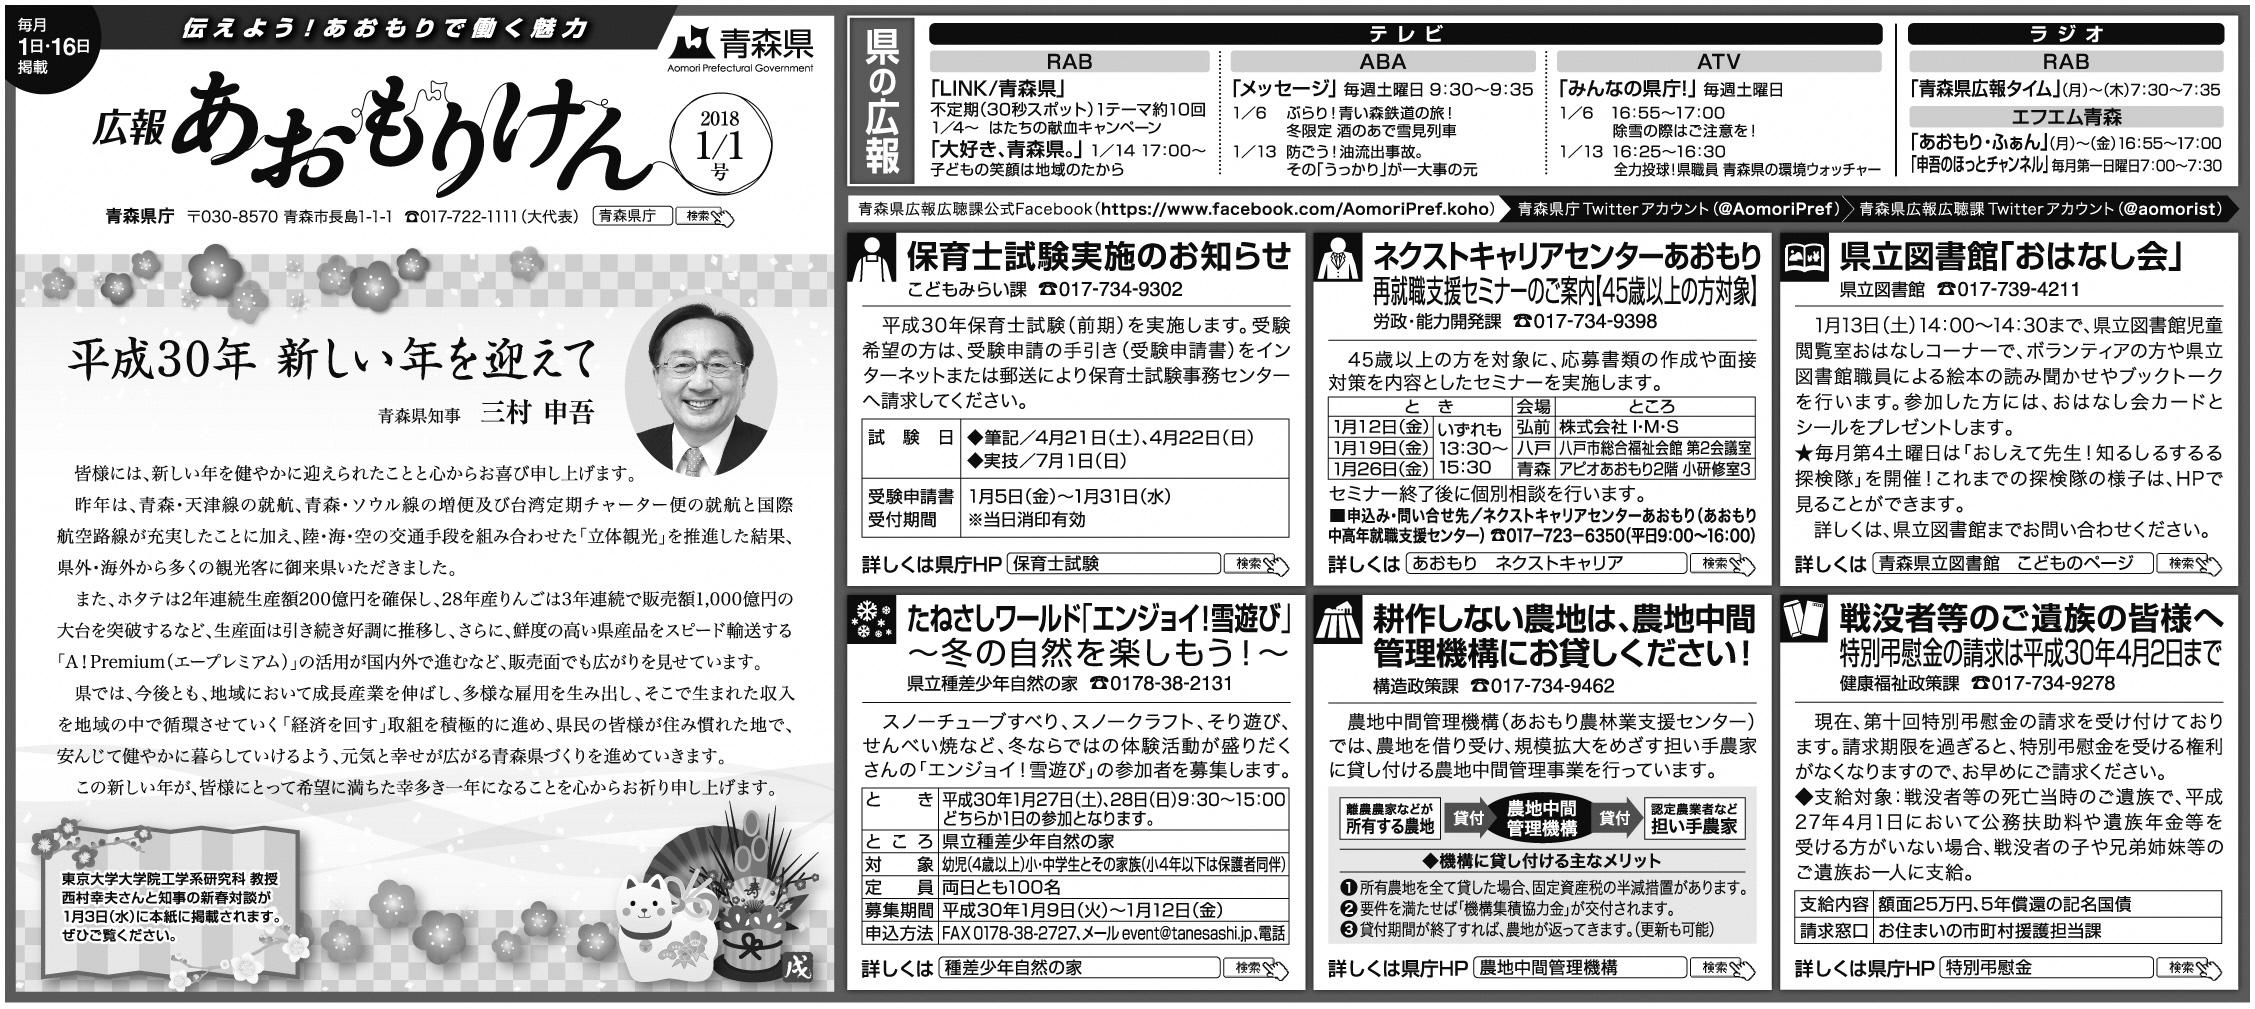 新聞広報「広報あおもりけん」(...